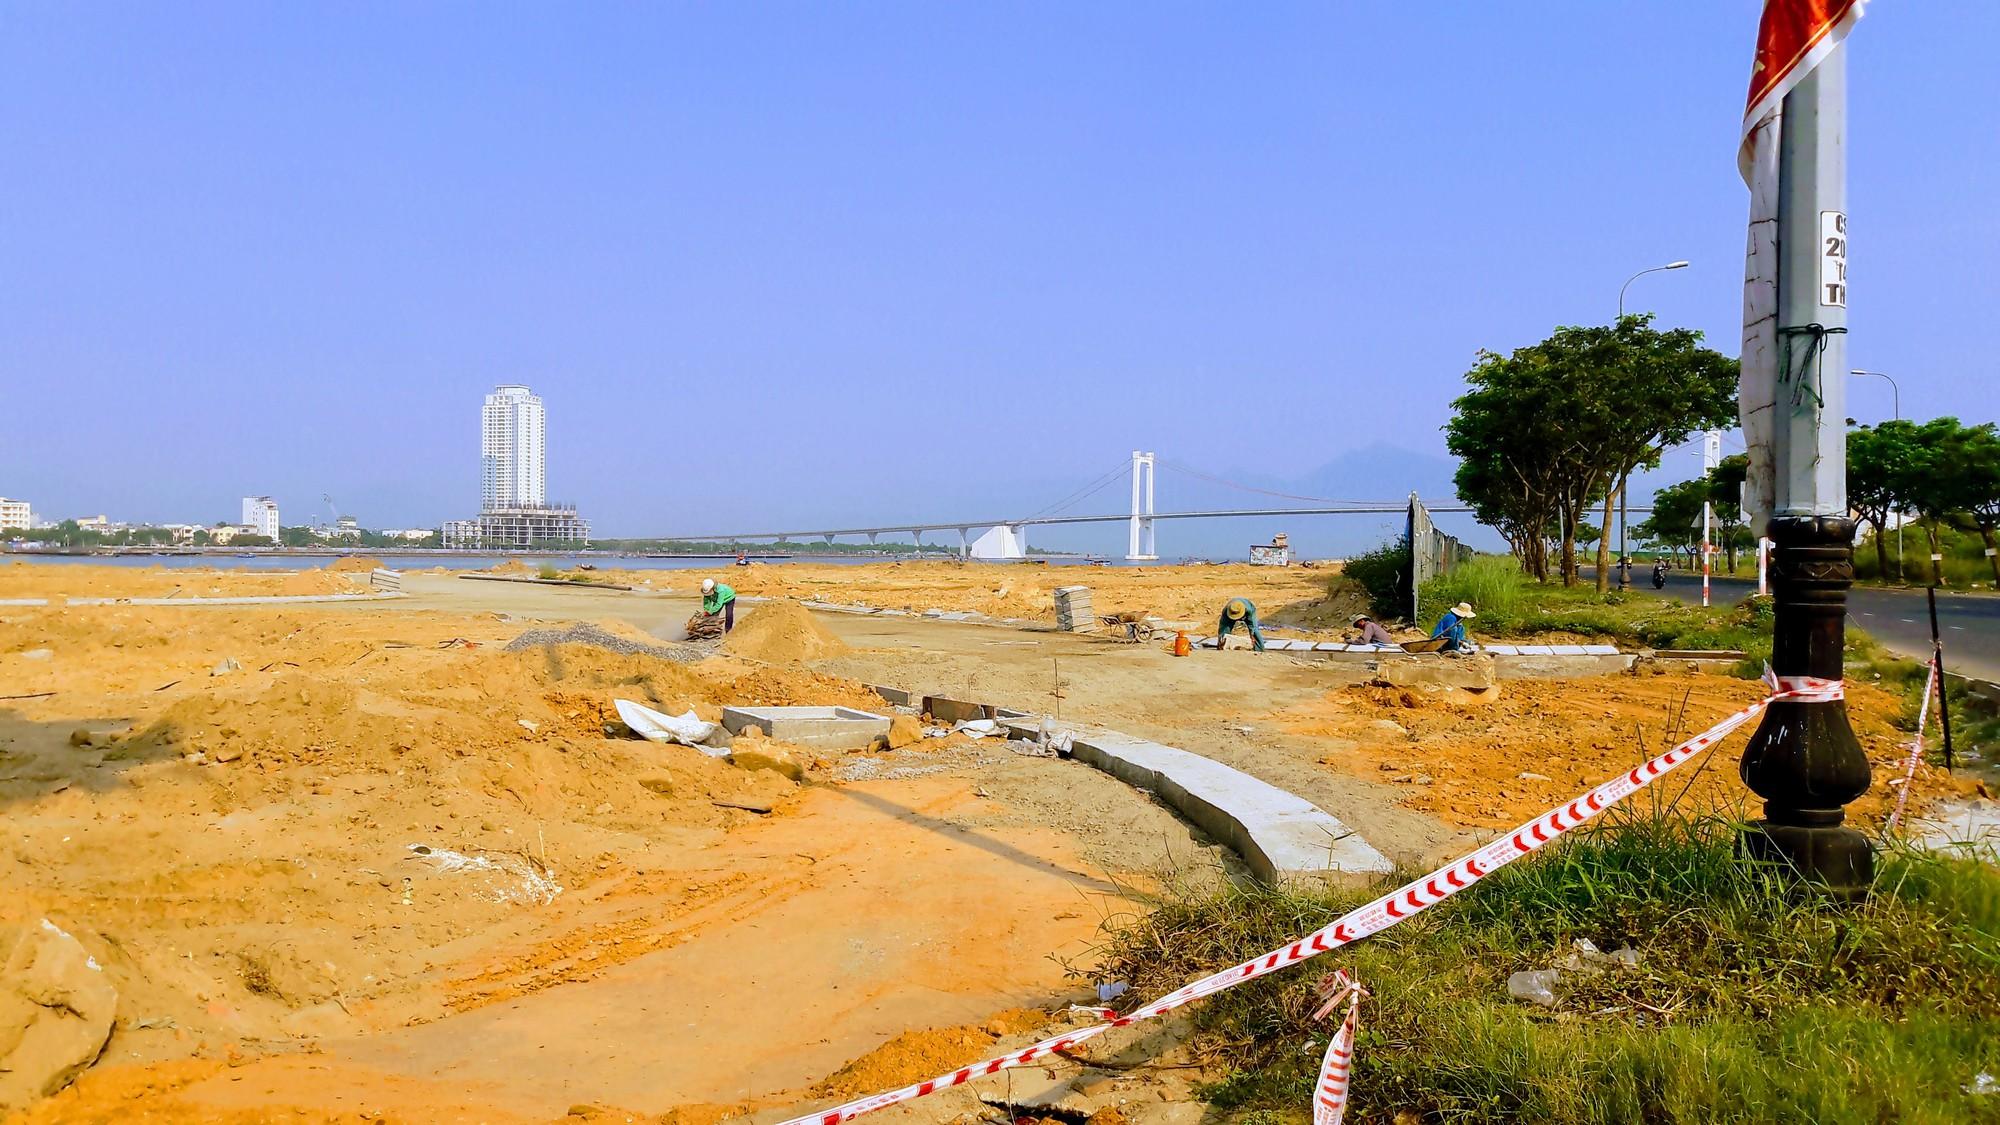 Vụ tạm dừng dự án Marina Complex ở Đà Nẵng: Cận cảnh những công trình, dự án dọc hai bờ sông Hàn hiện nay - Ảnh 11.